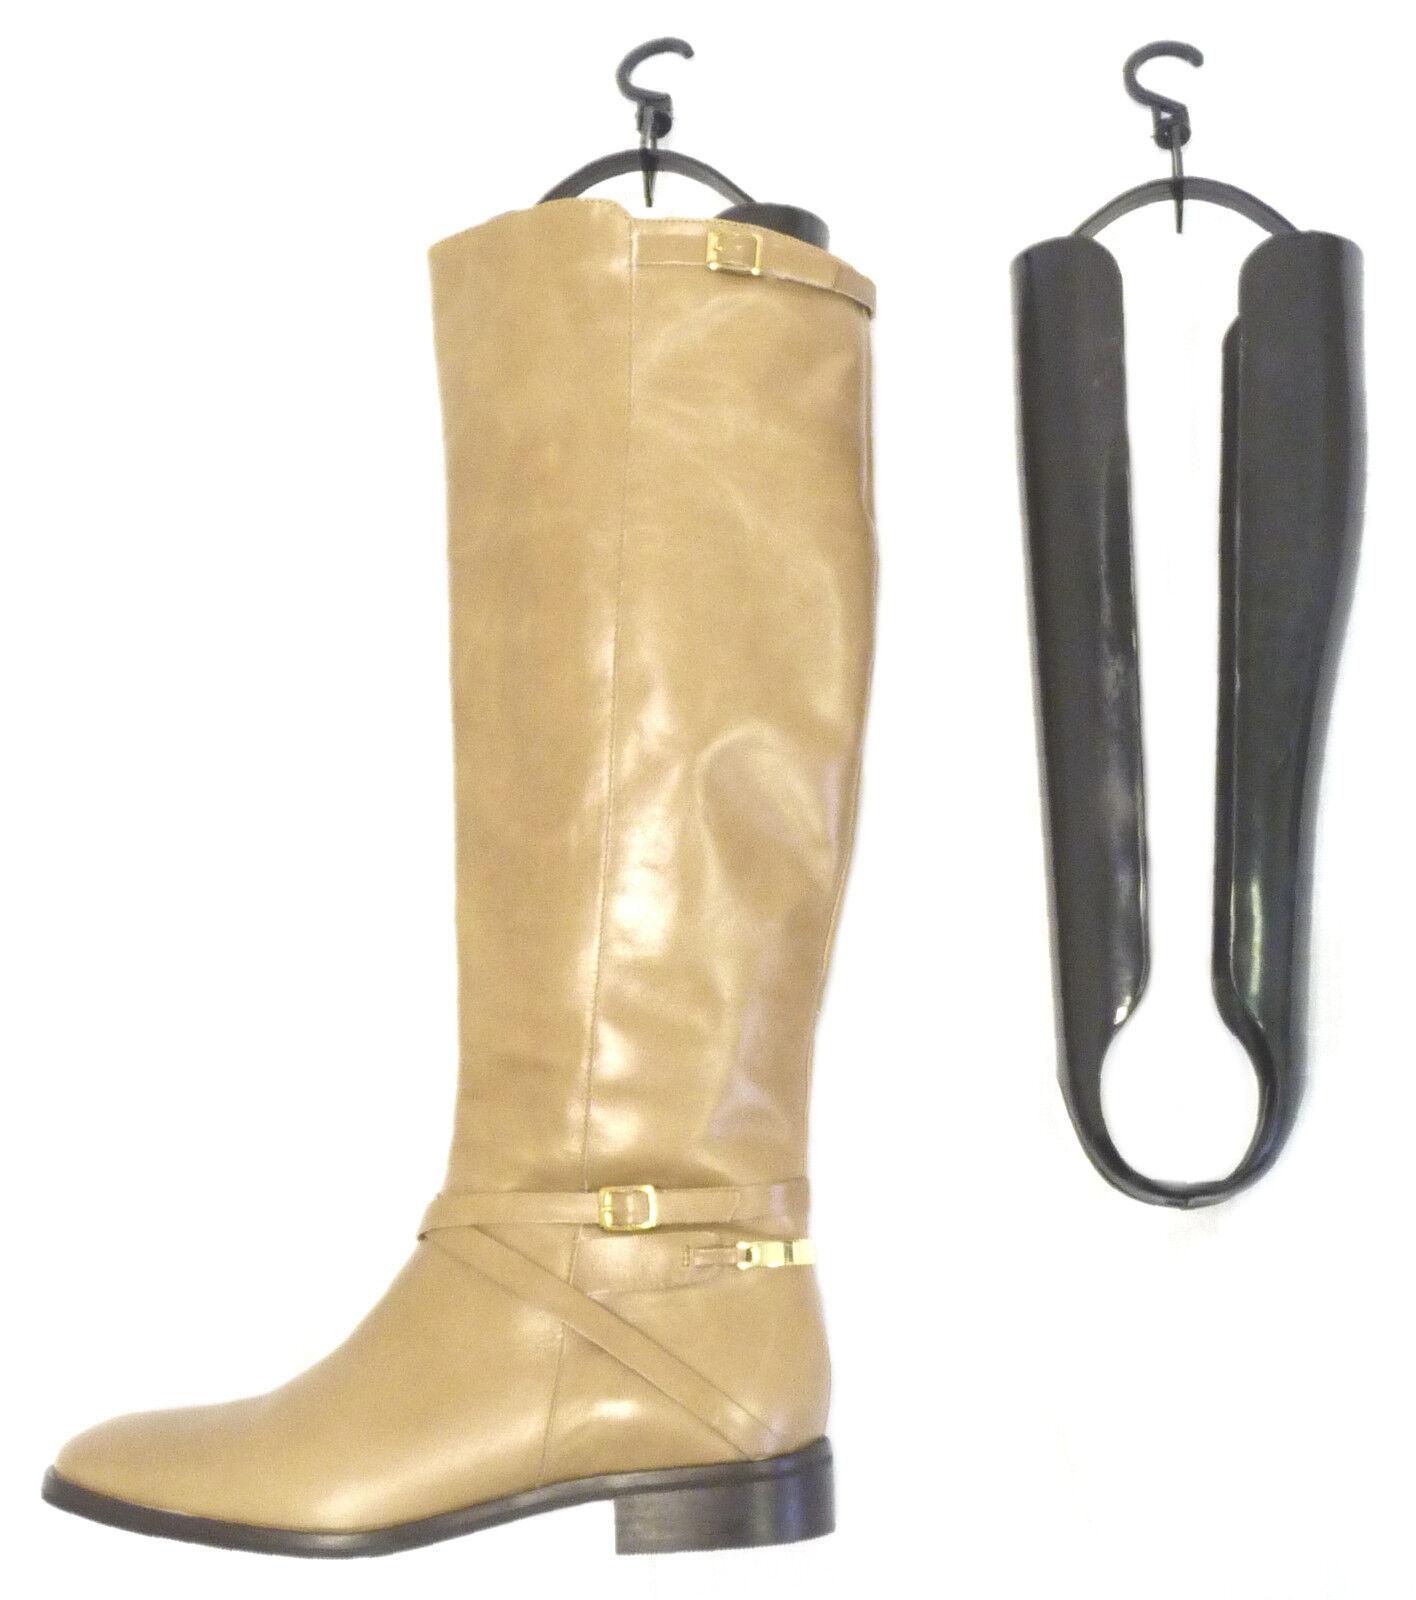 Stiefelspanner Schwarz Stiefel 1-12 PAAR Schaftformer Schaftspanner Schuhspanner